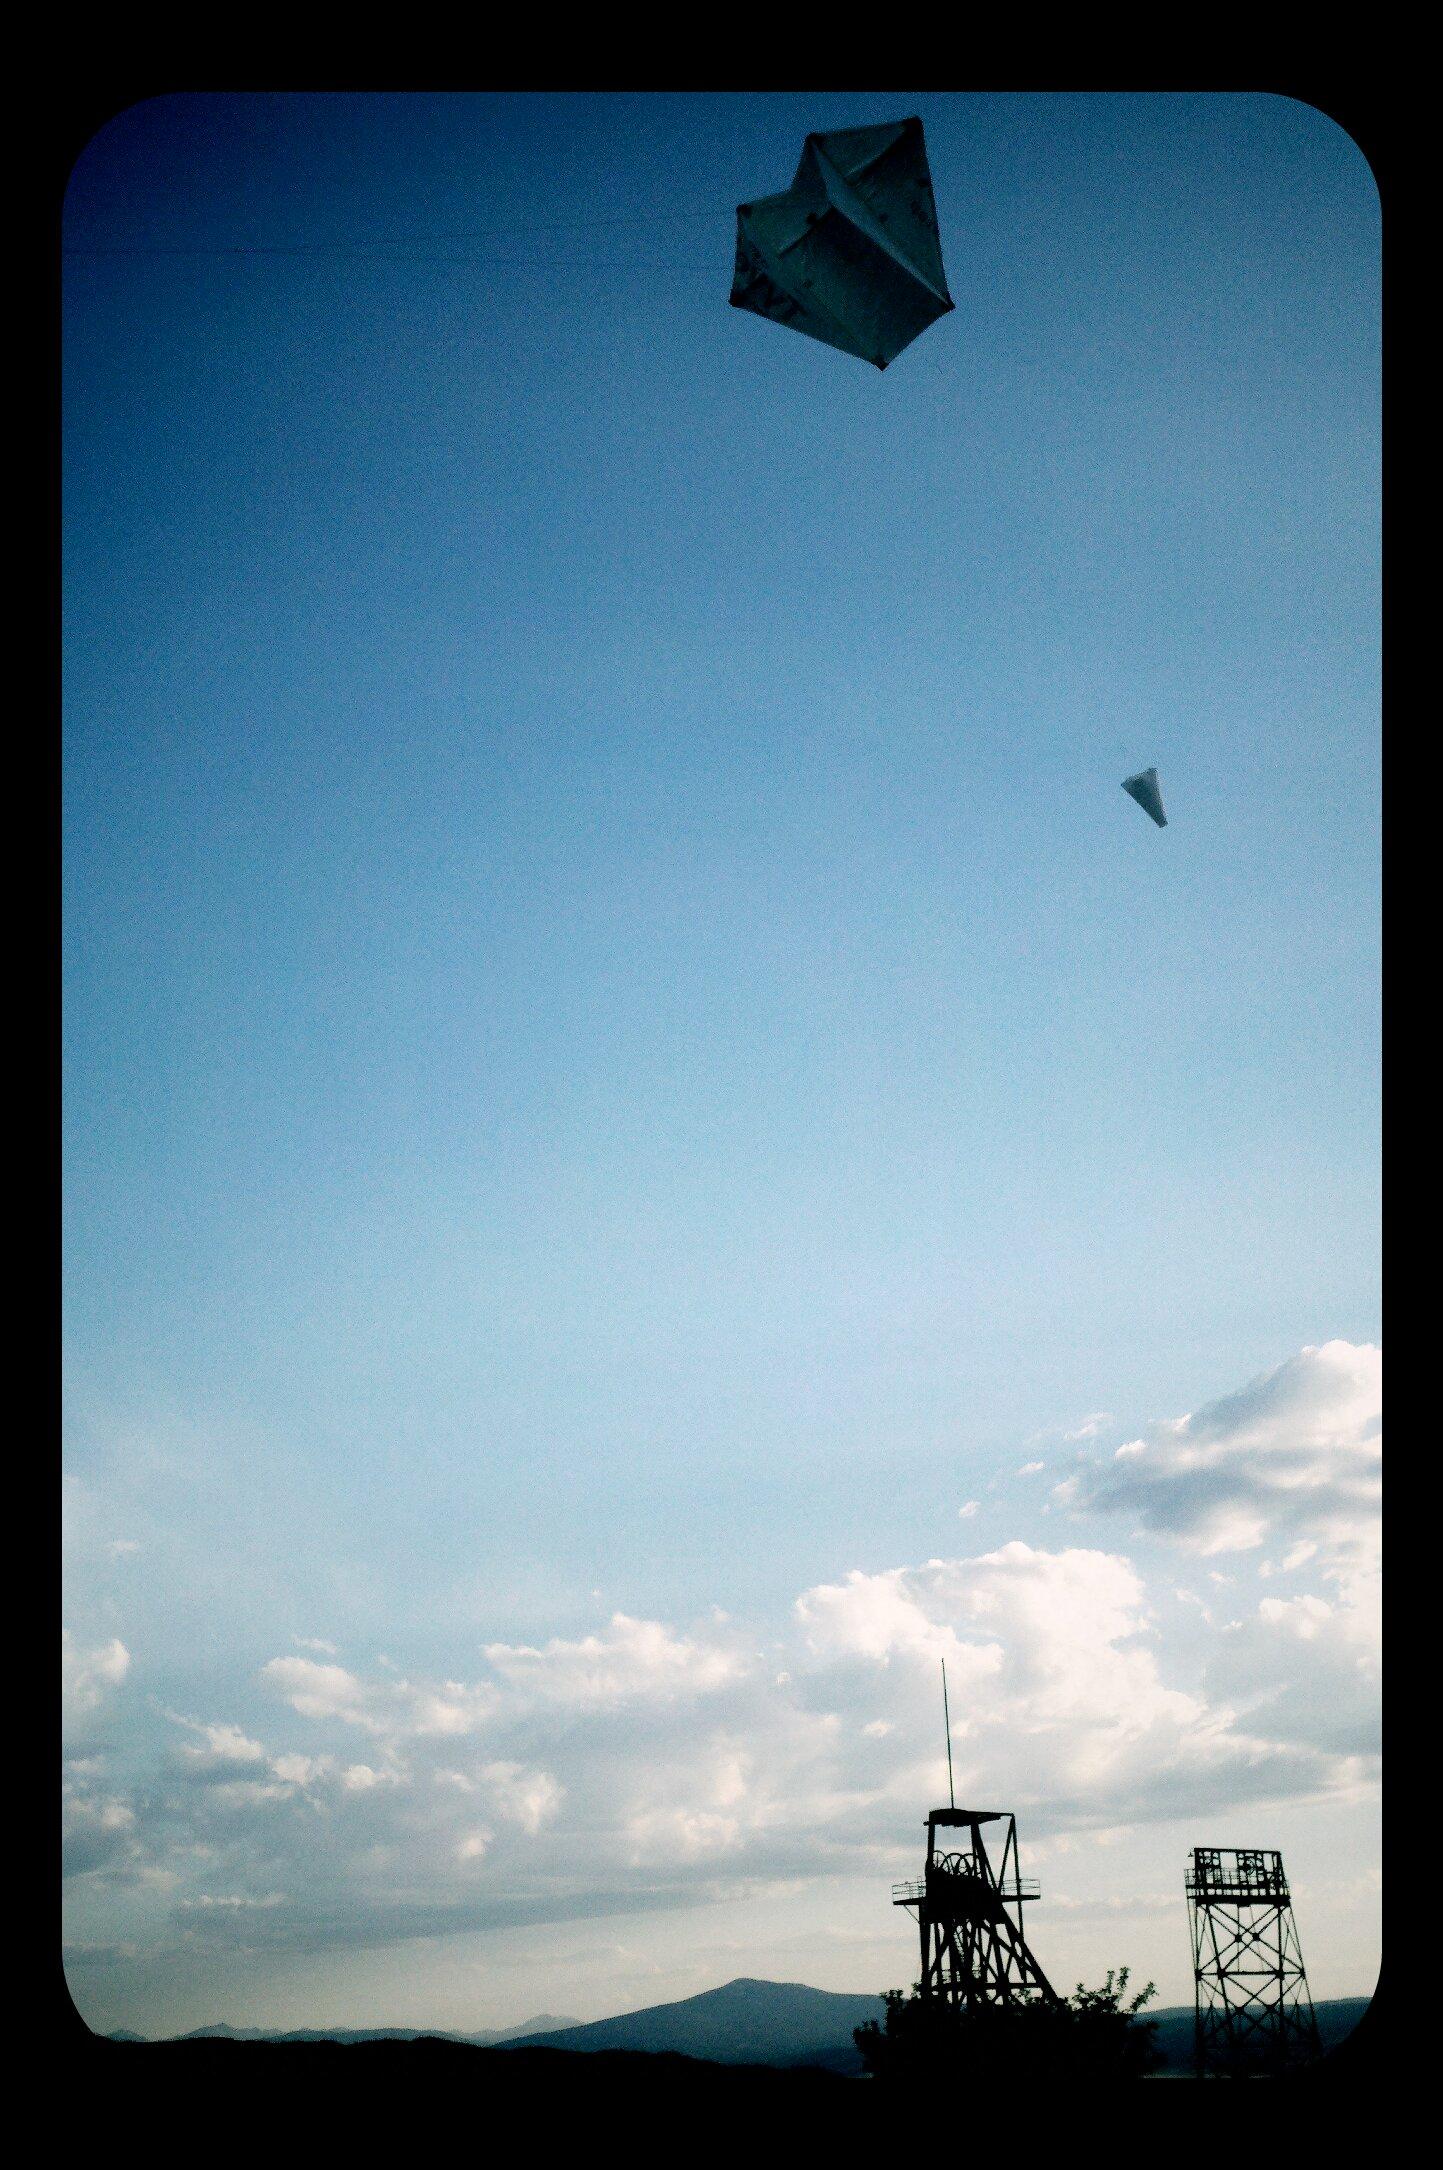 2011-07-25-20-03-13-375.jpg